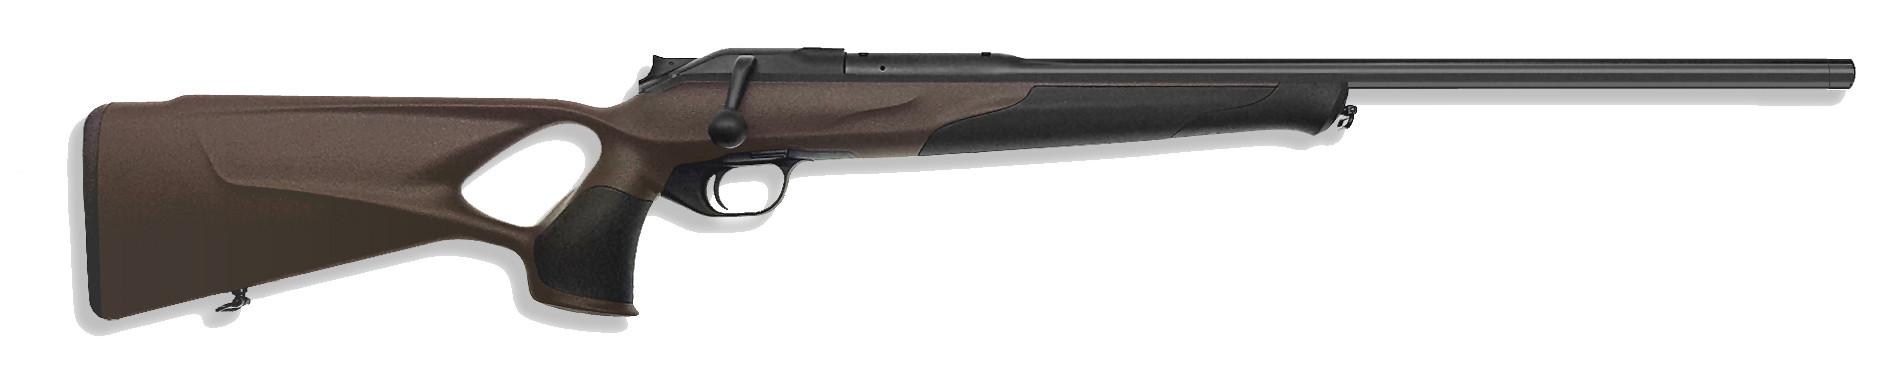 Blaser R8 Professional Success 6,5×55 LL 58 cm mit Mündungsgewinde Waffenstube Thalkirchen München Bayern Deutschland